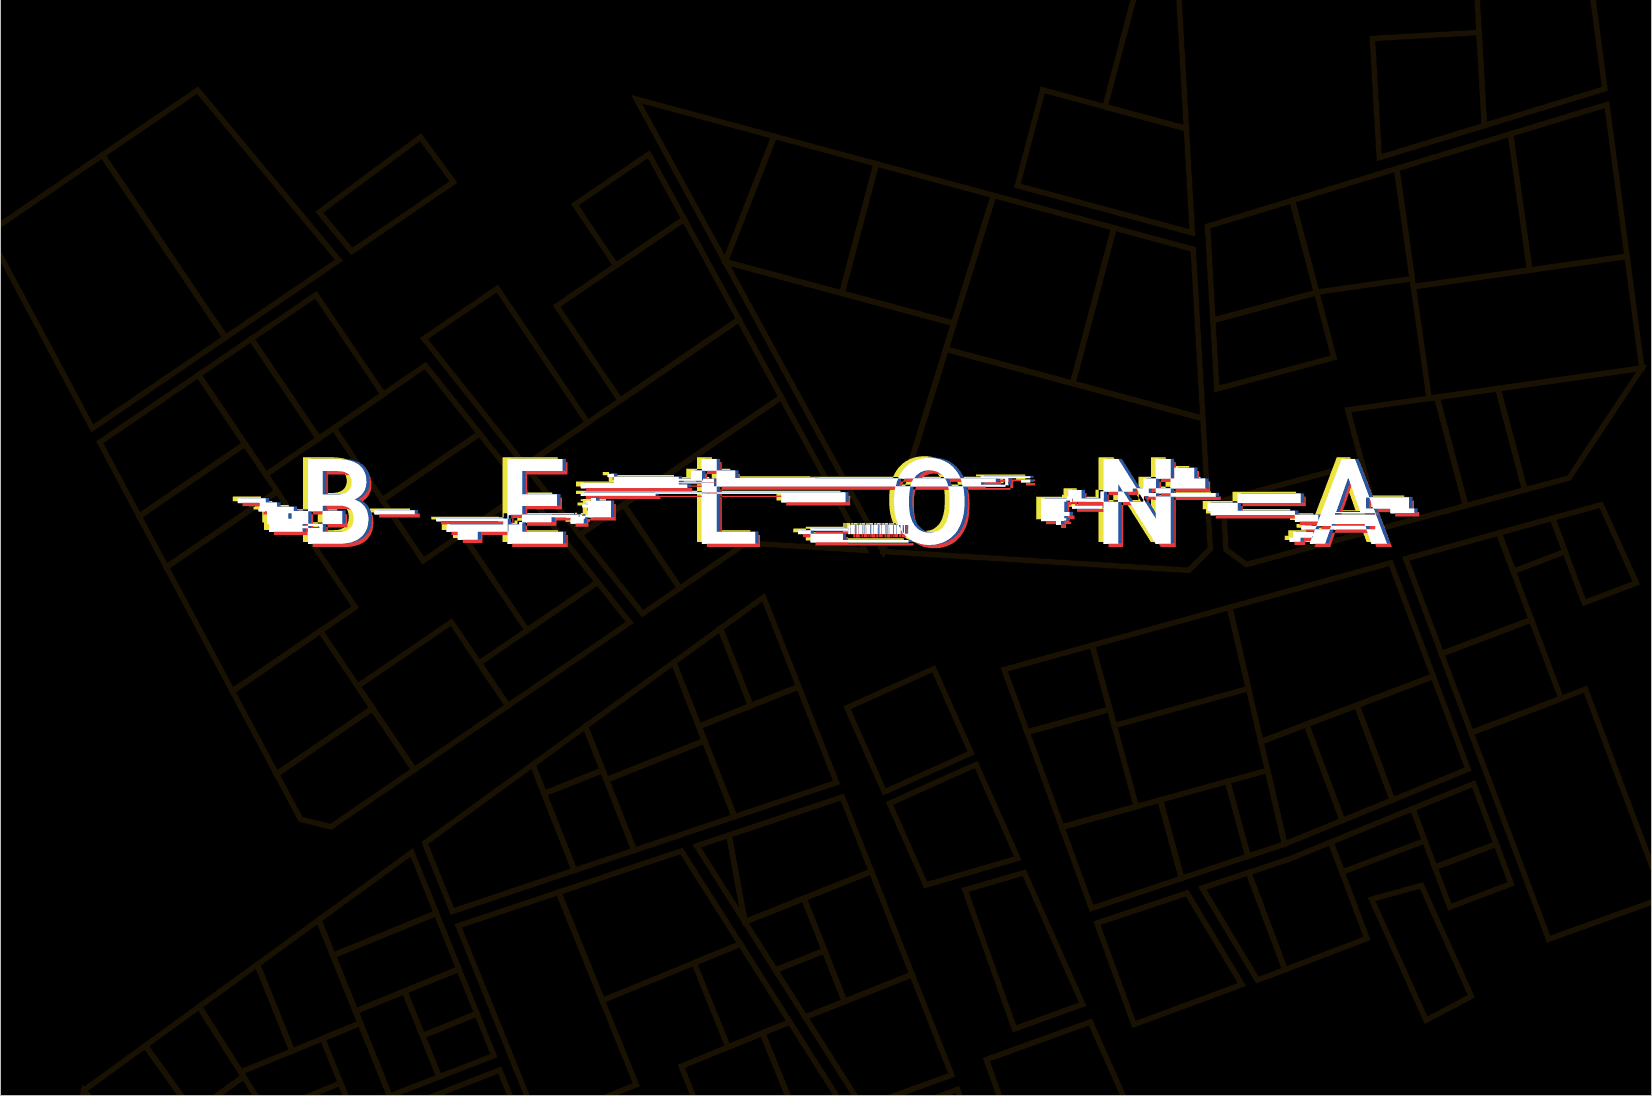 Belona